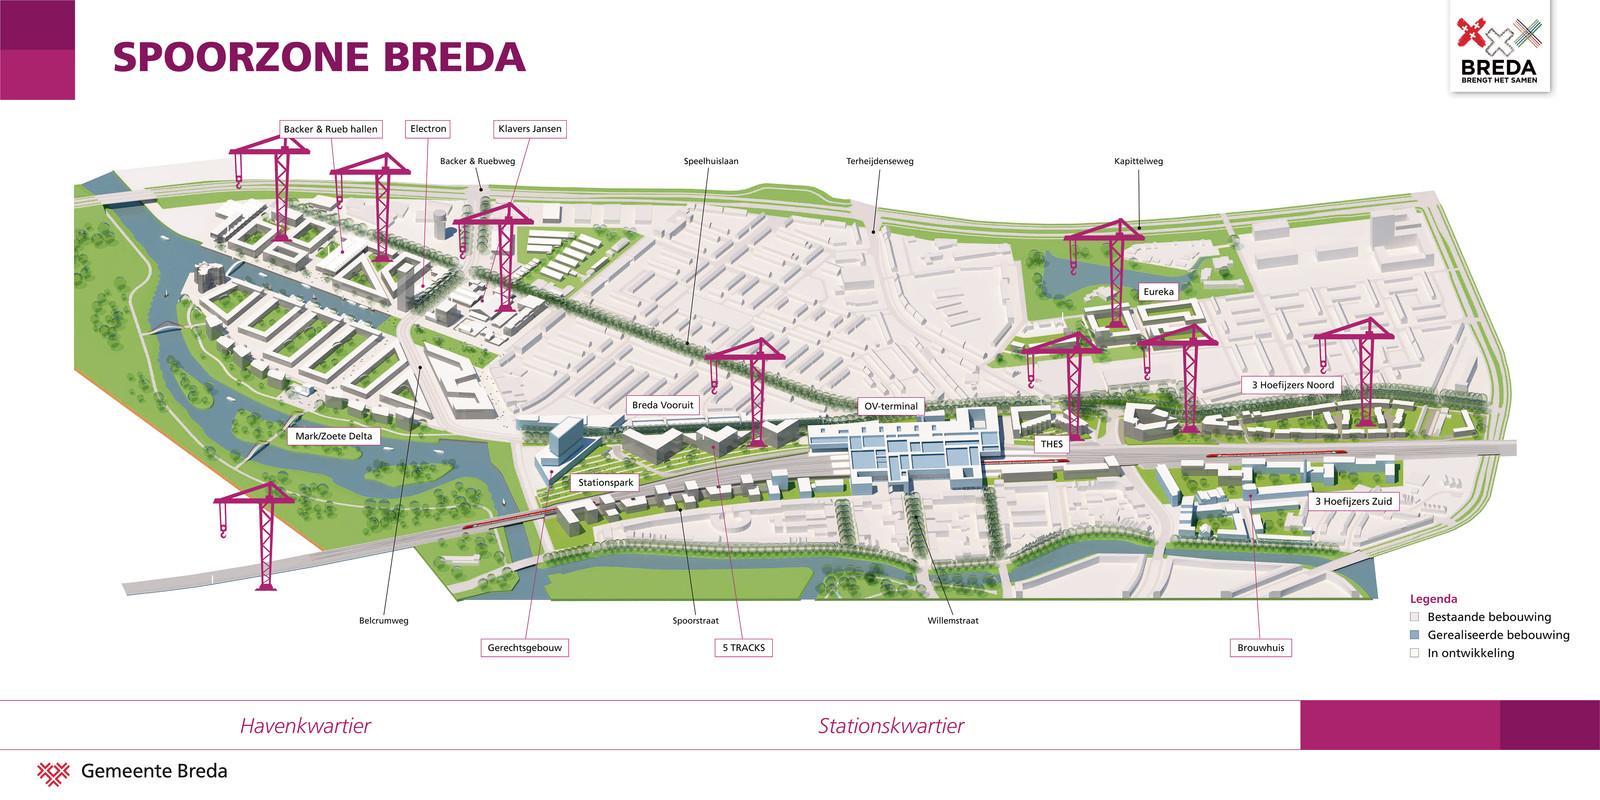 Overzichtskaart van bouwkranen in de spoorzone in Breda